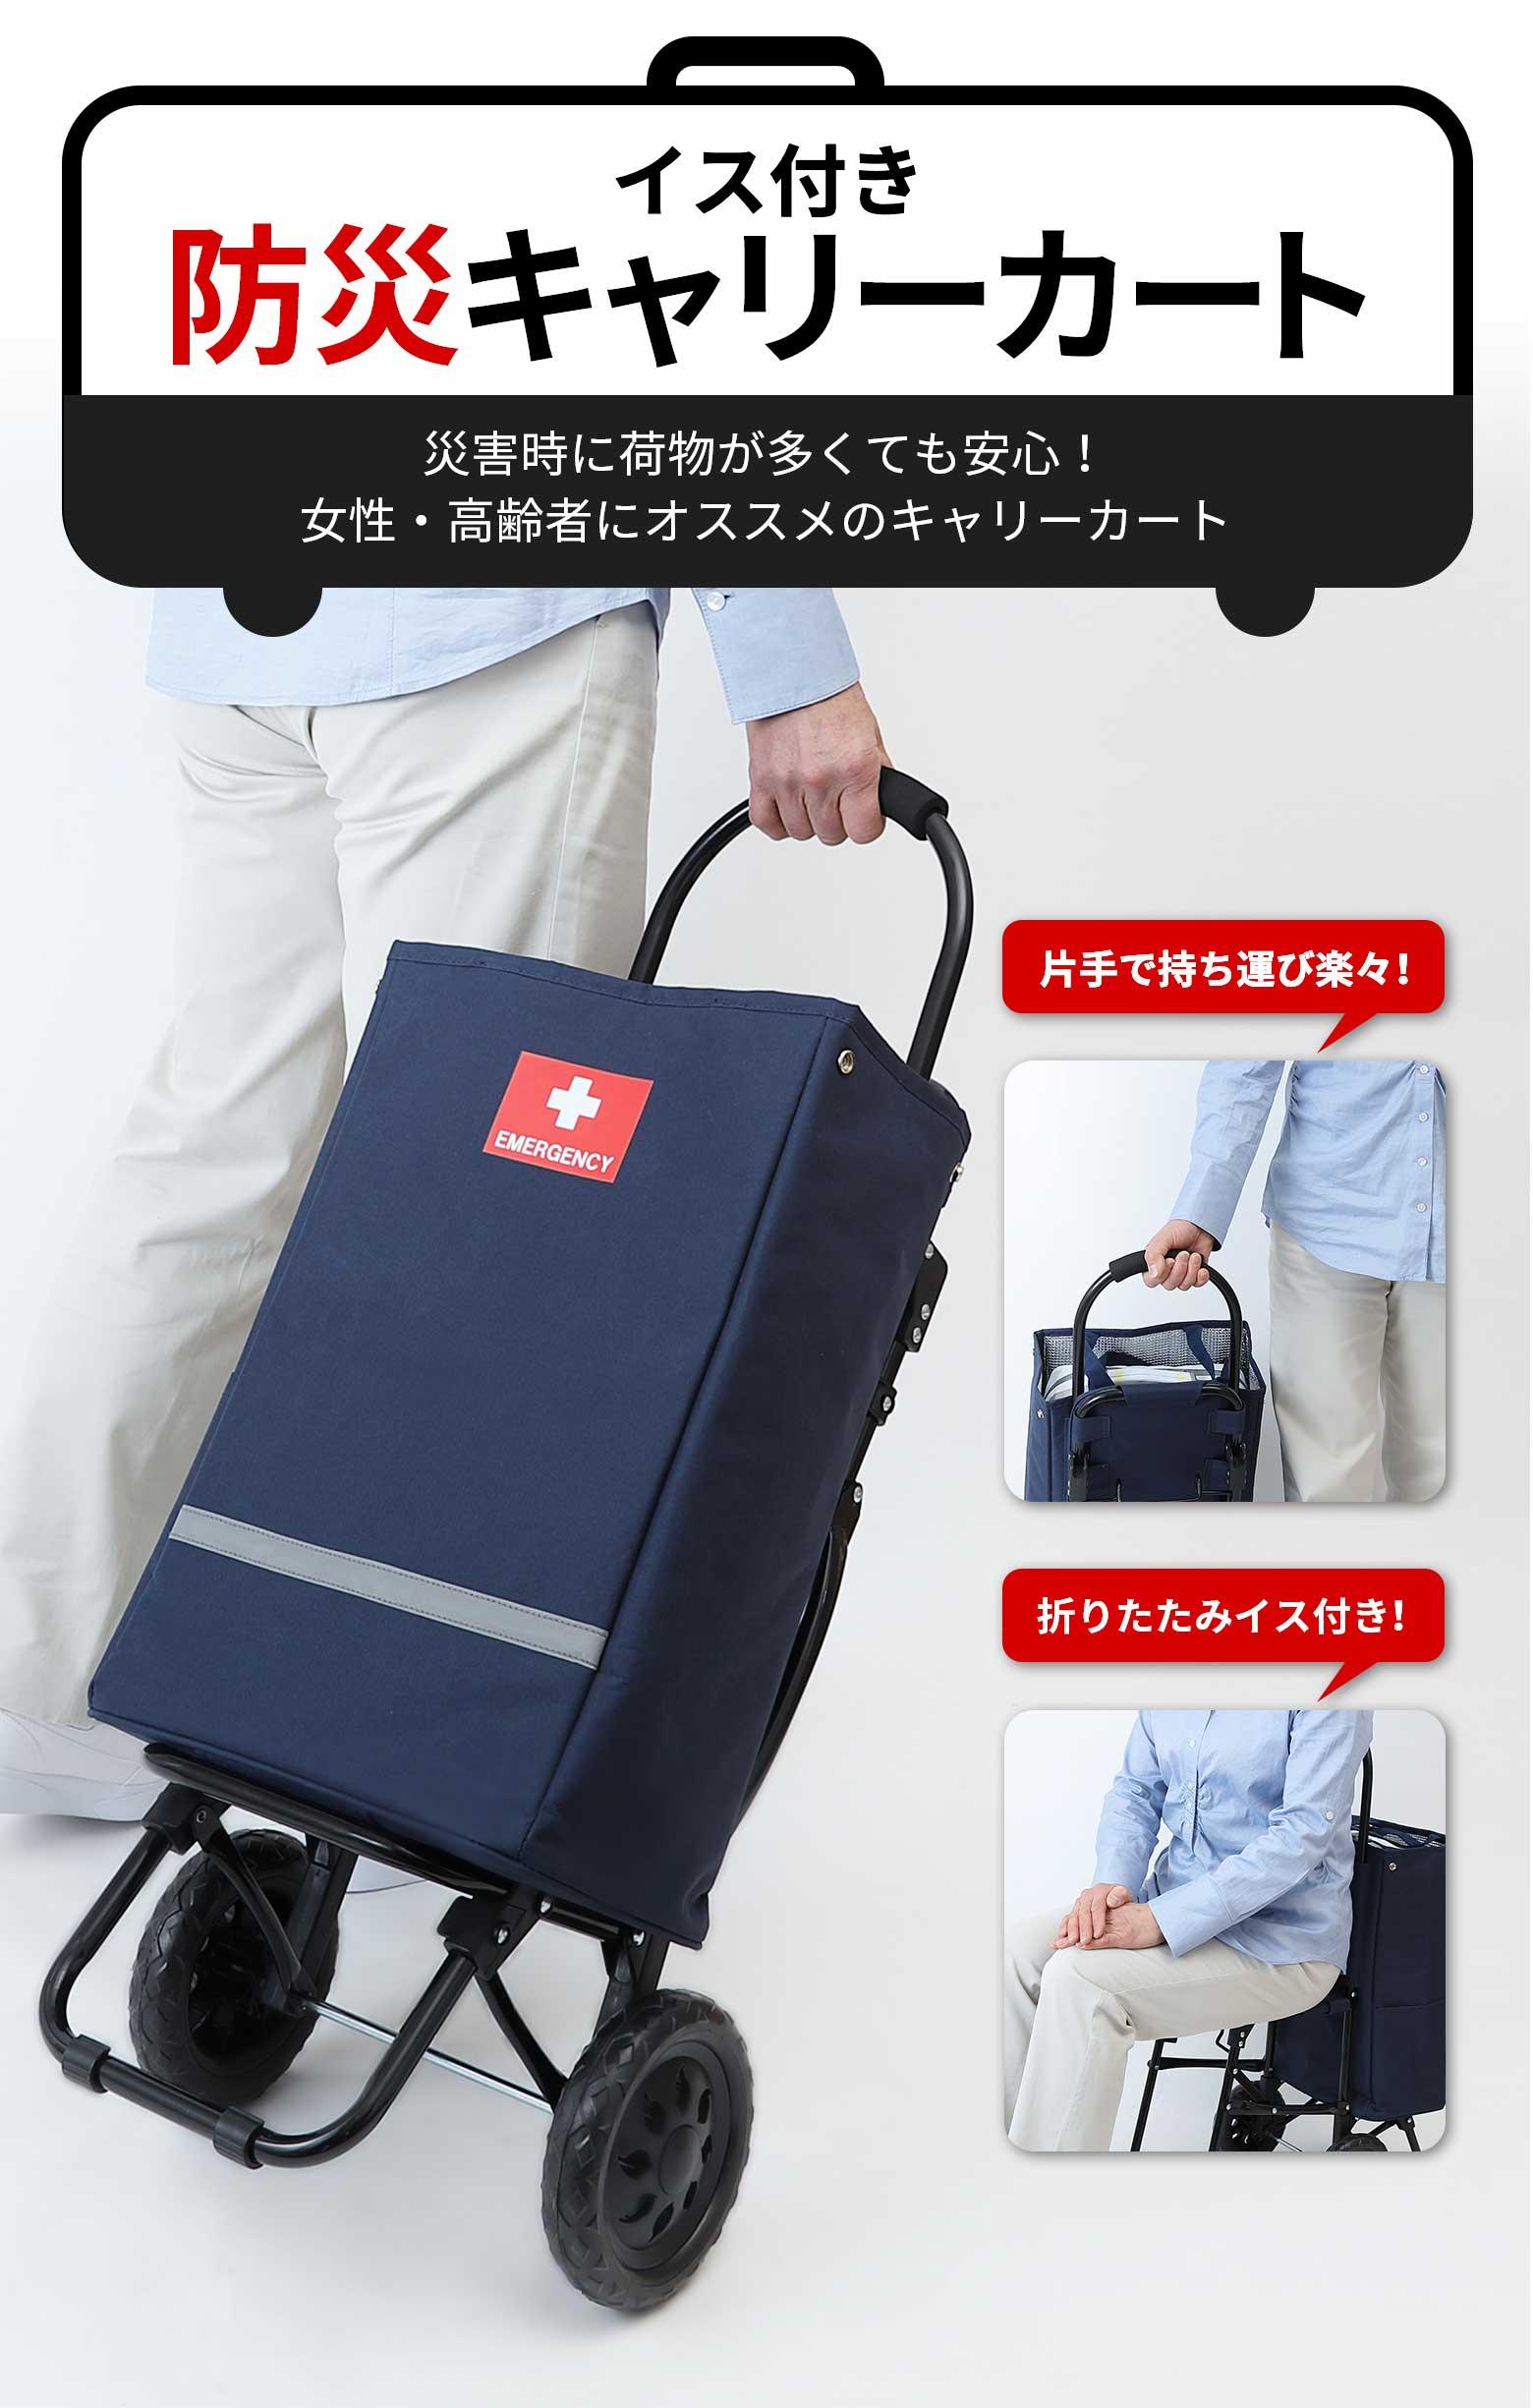 イス付き防災キャリーカート 災害時に荷物が多くても安心!女性・高齢者にオススメのキャリーカート